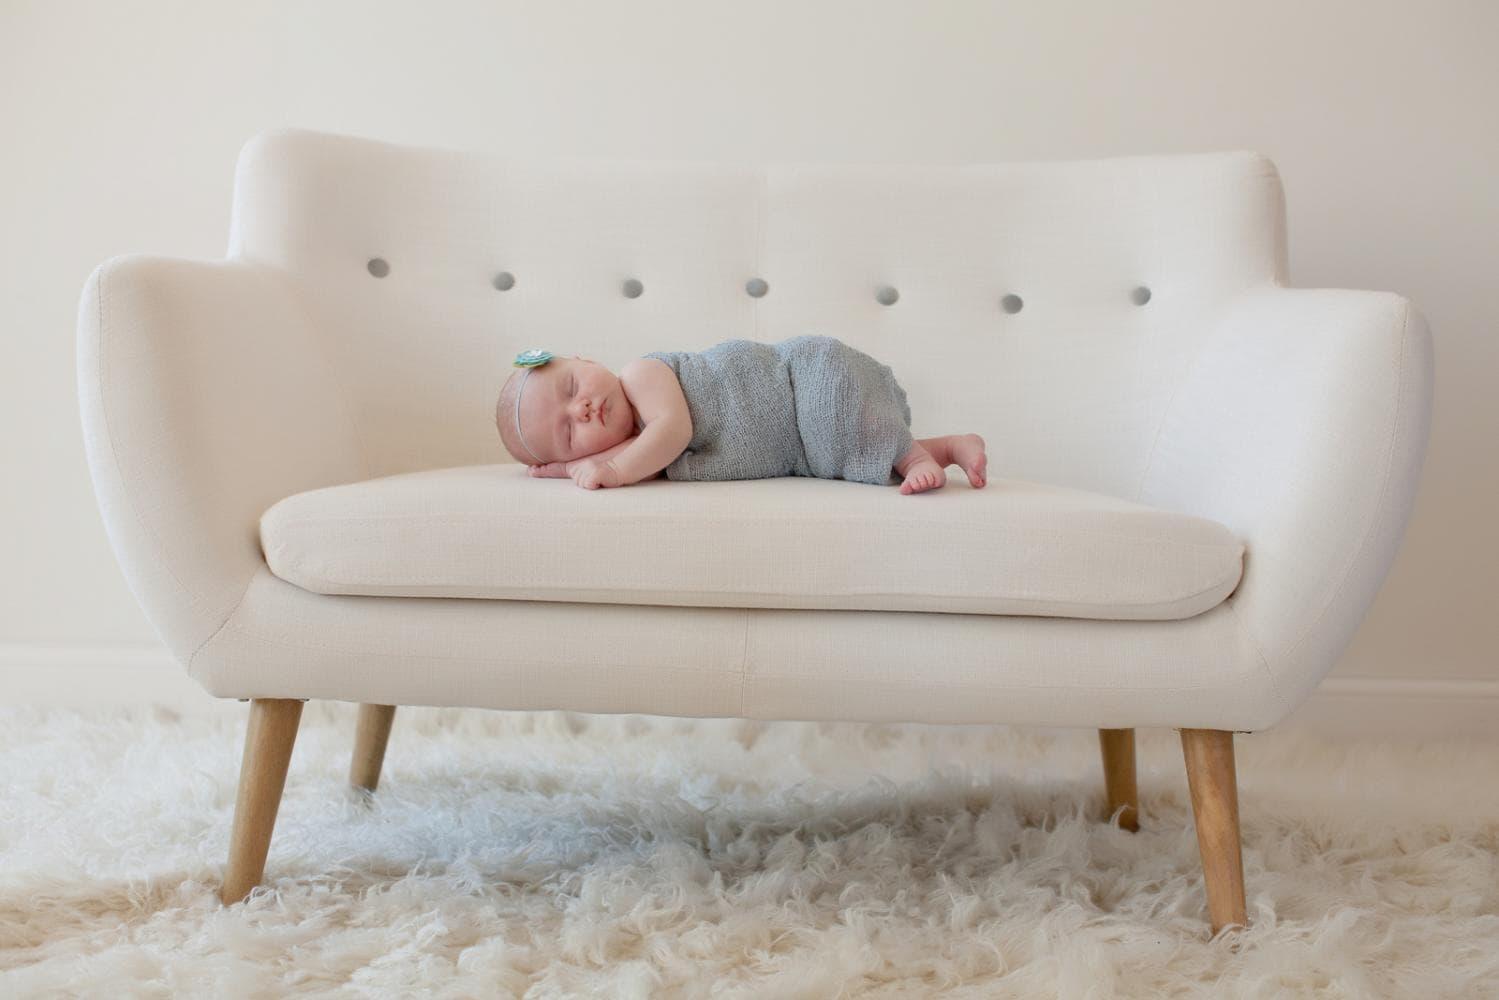 بهترین حالت خواباندن نوزاد برای پیشگیری از سندرم مرگ ناگهانی